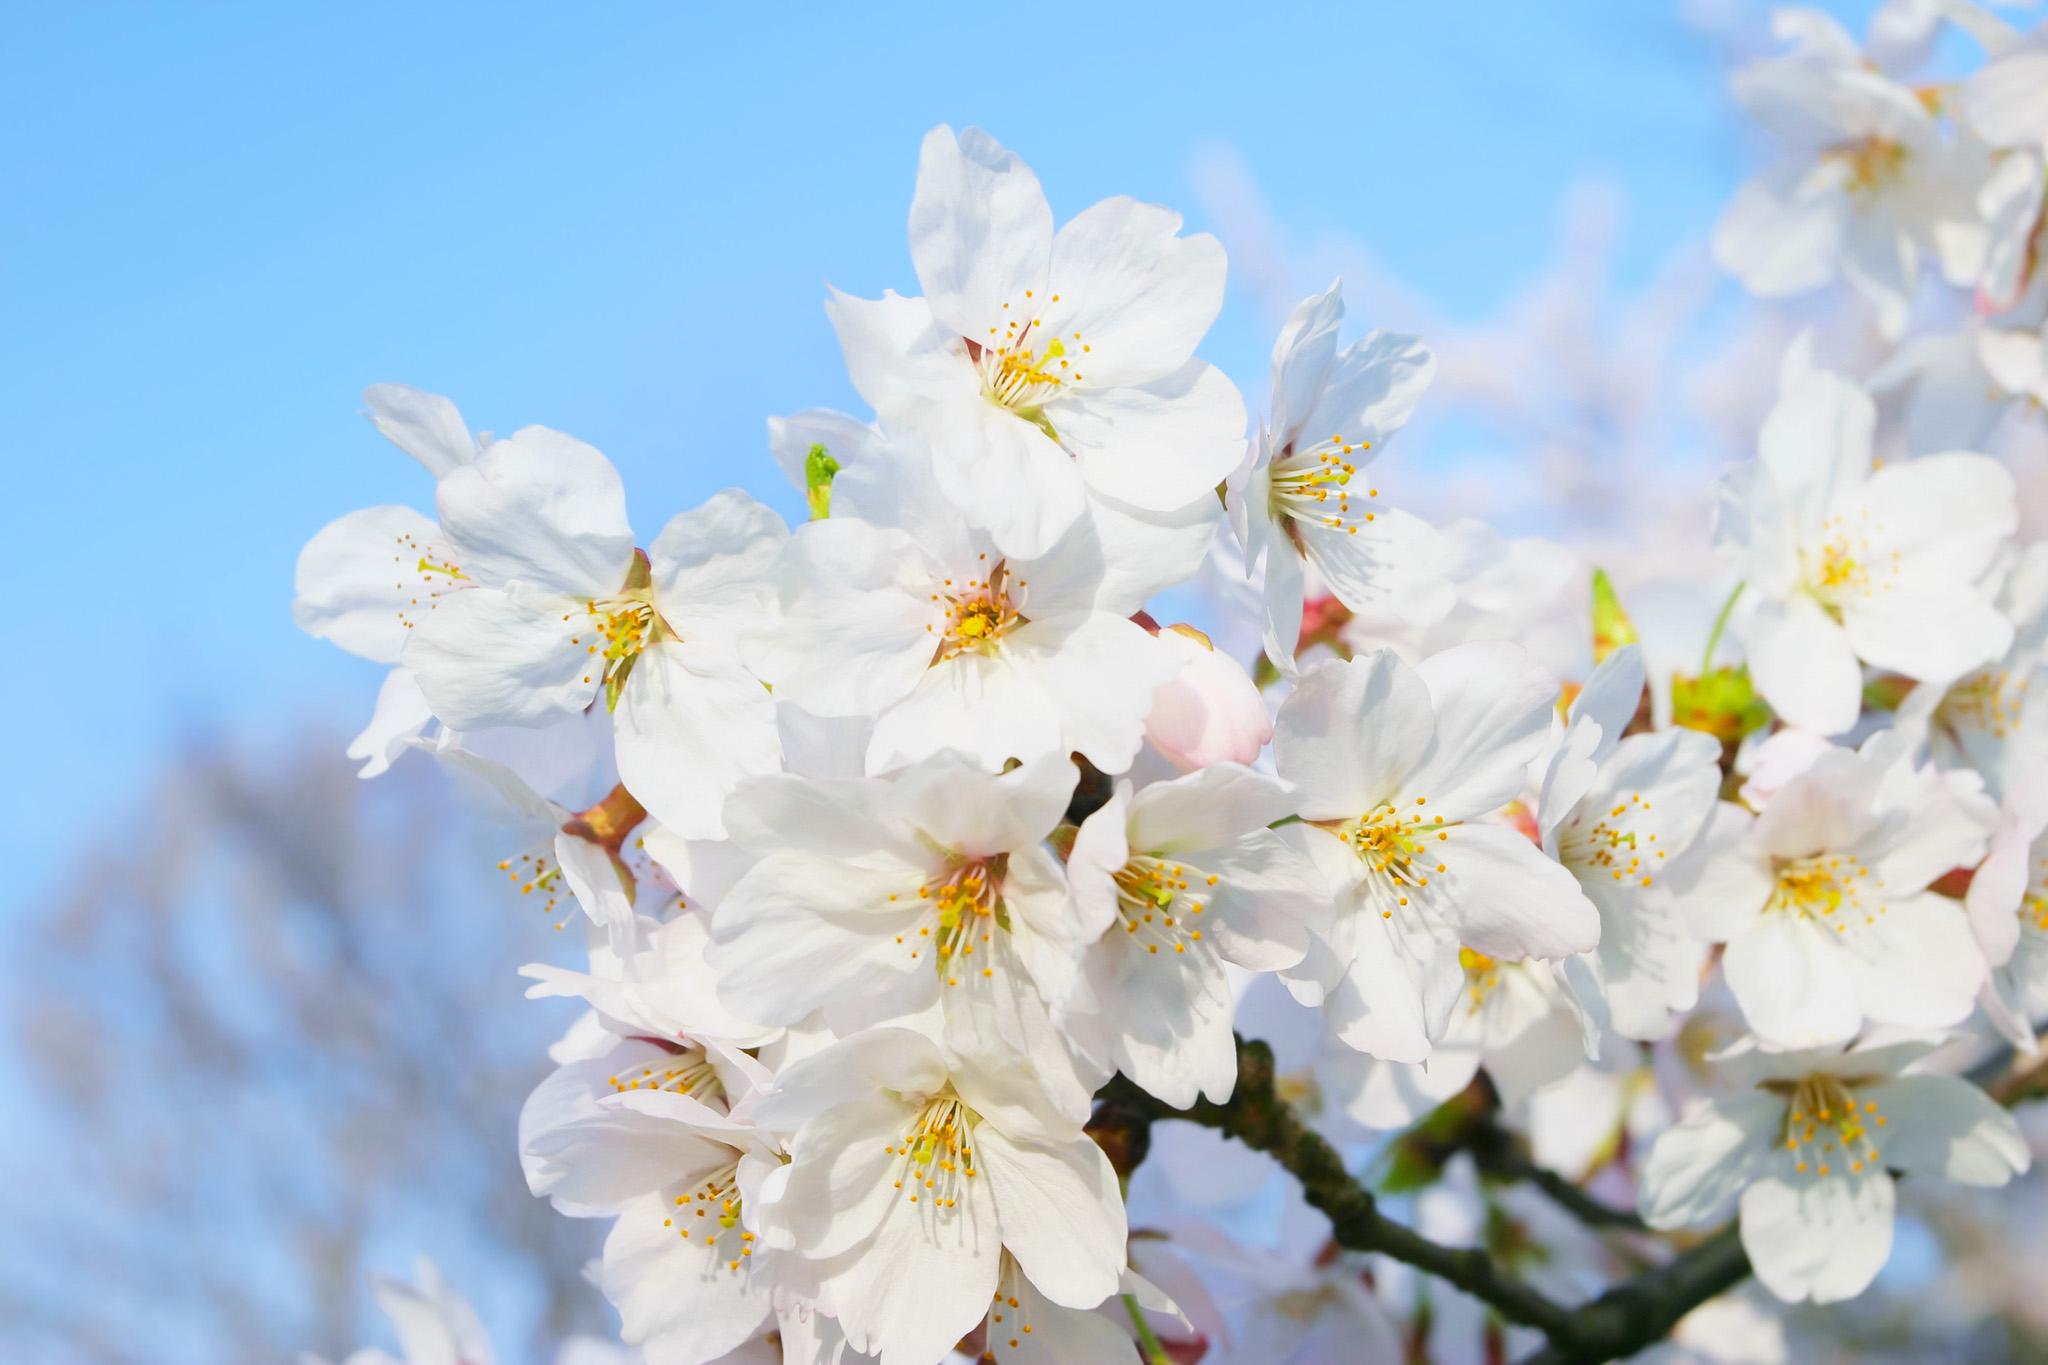 「春の空と白い桜の花」の背景を無料ダウンロード